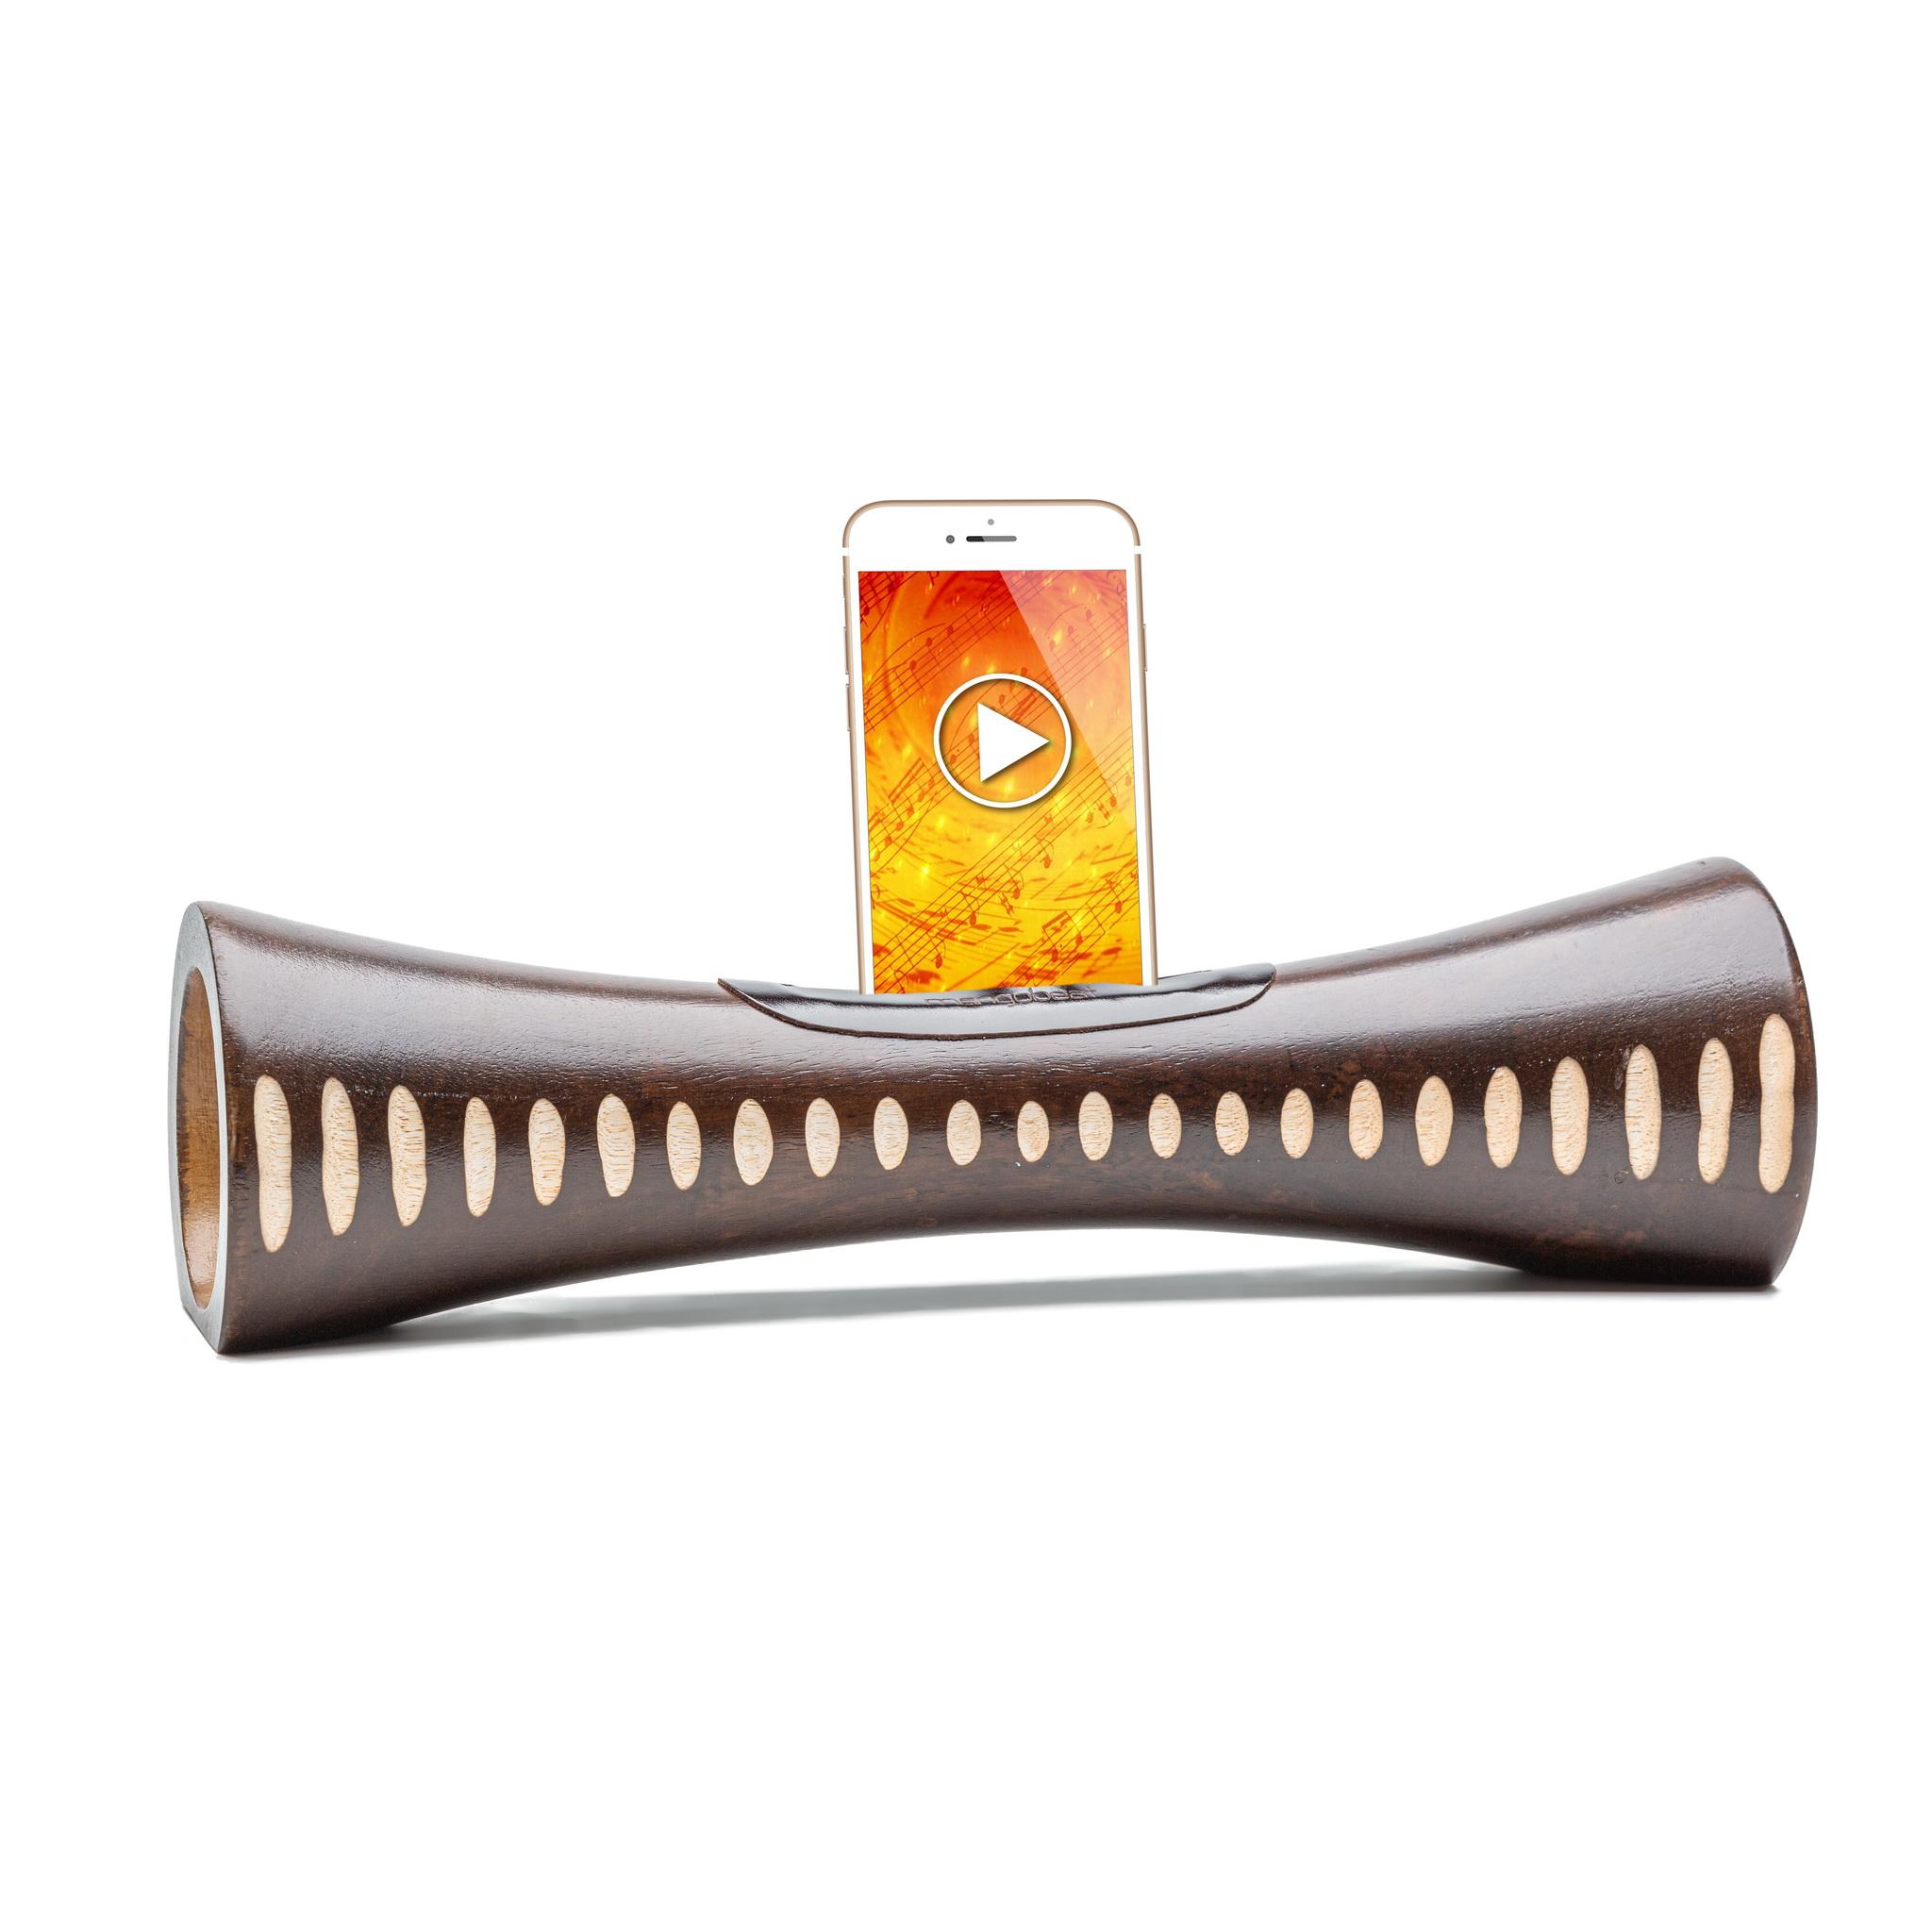 Mangobeat - MANGOBEAT - Enceinte Sans fil en bois - Amplificateur Naturel